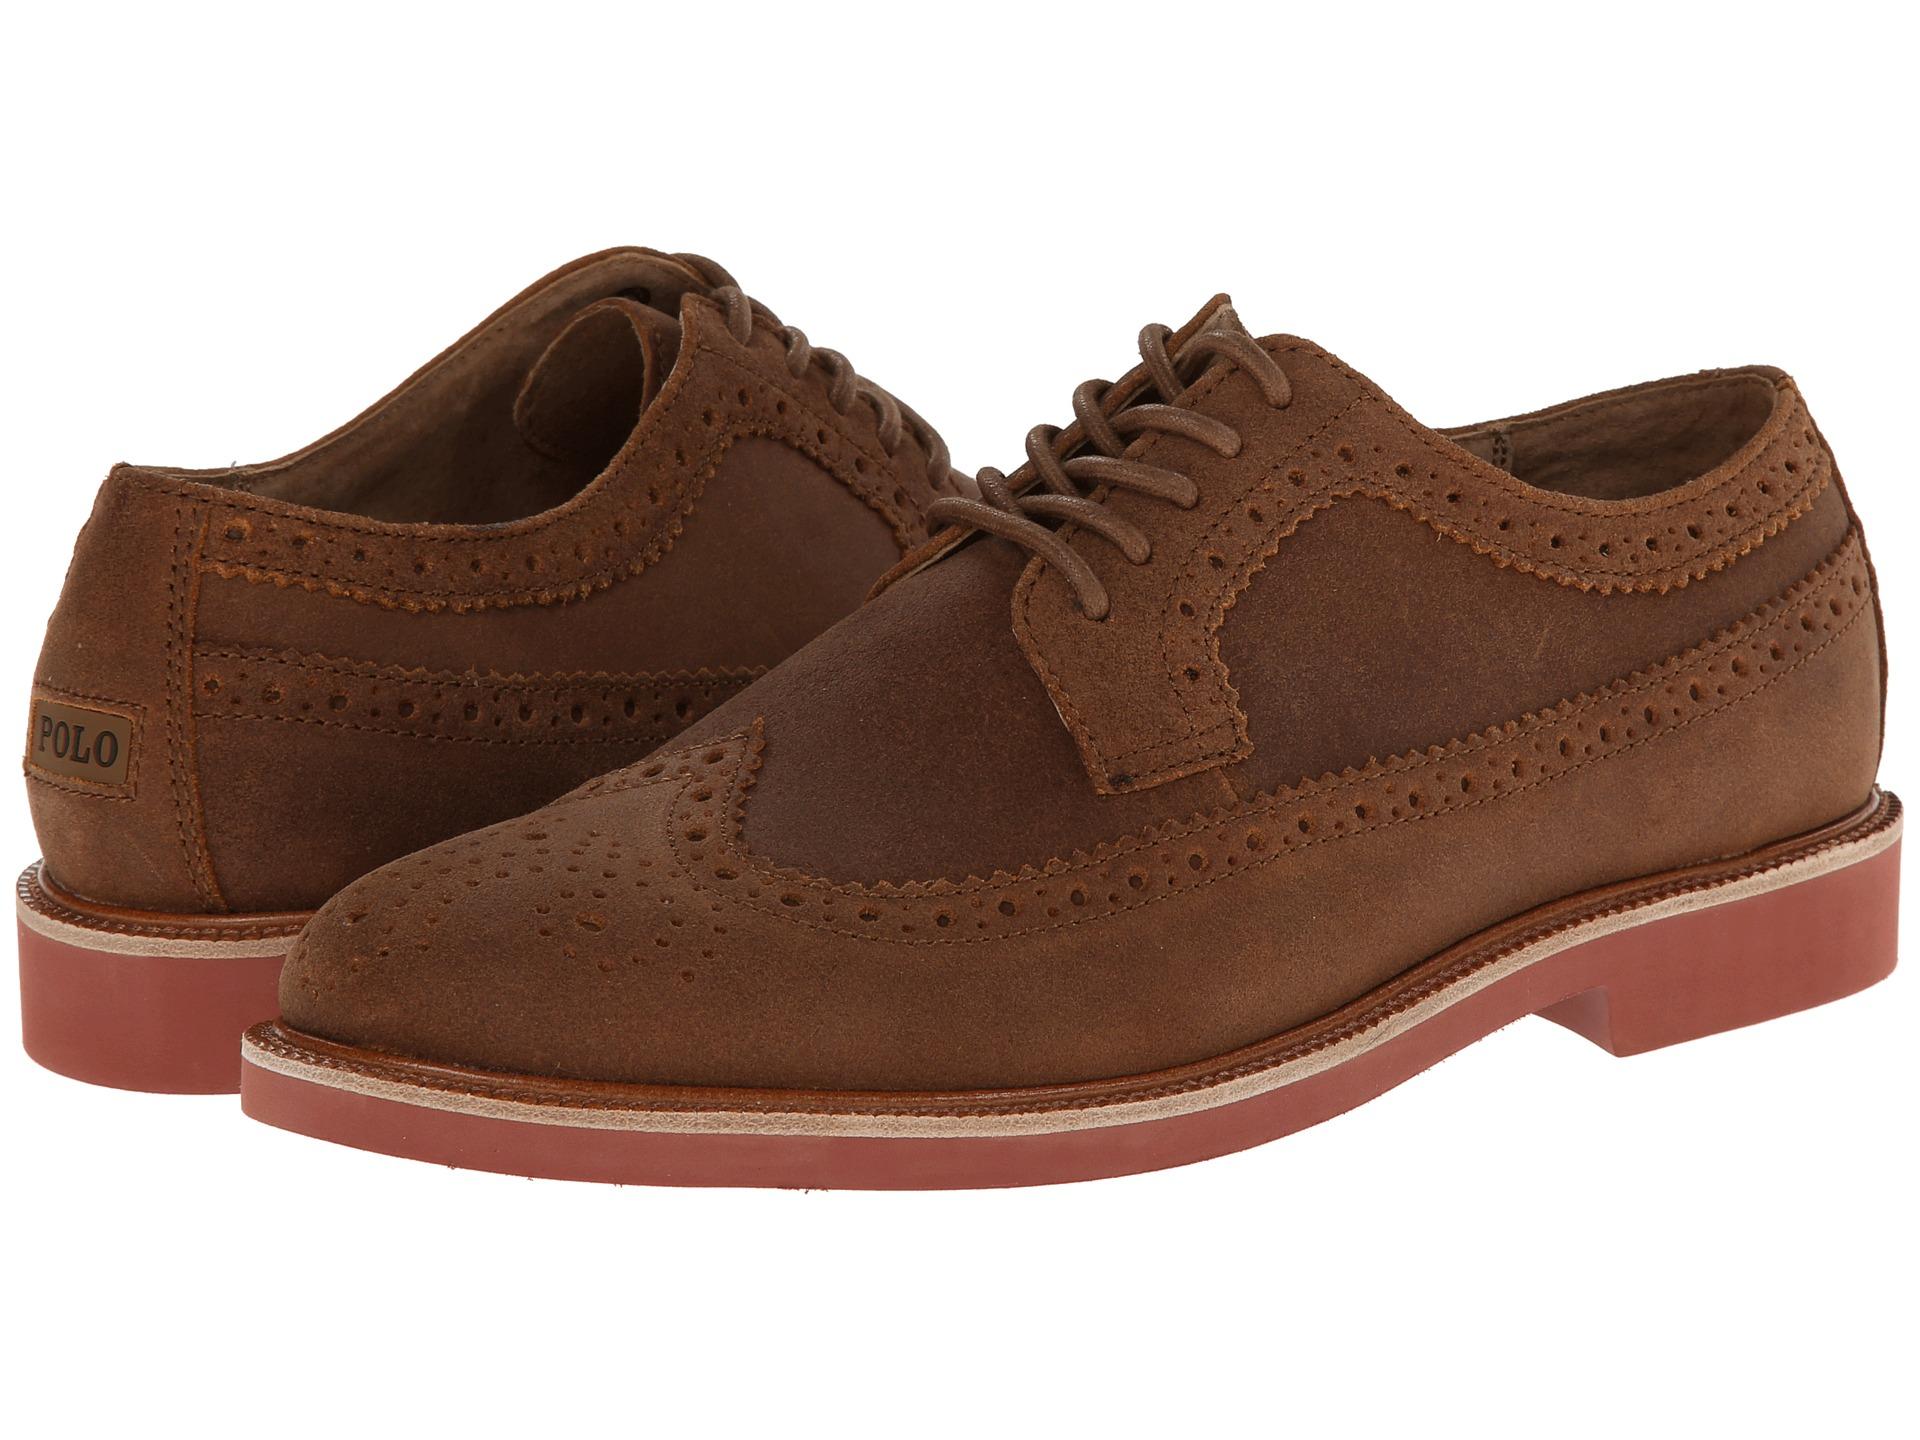 Polo Ralph Lauren Torrington Oxford Shoes